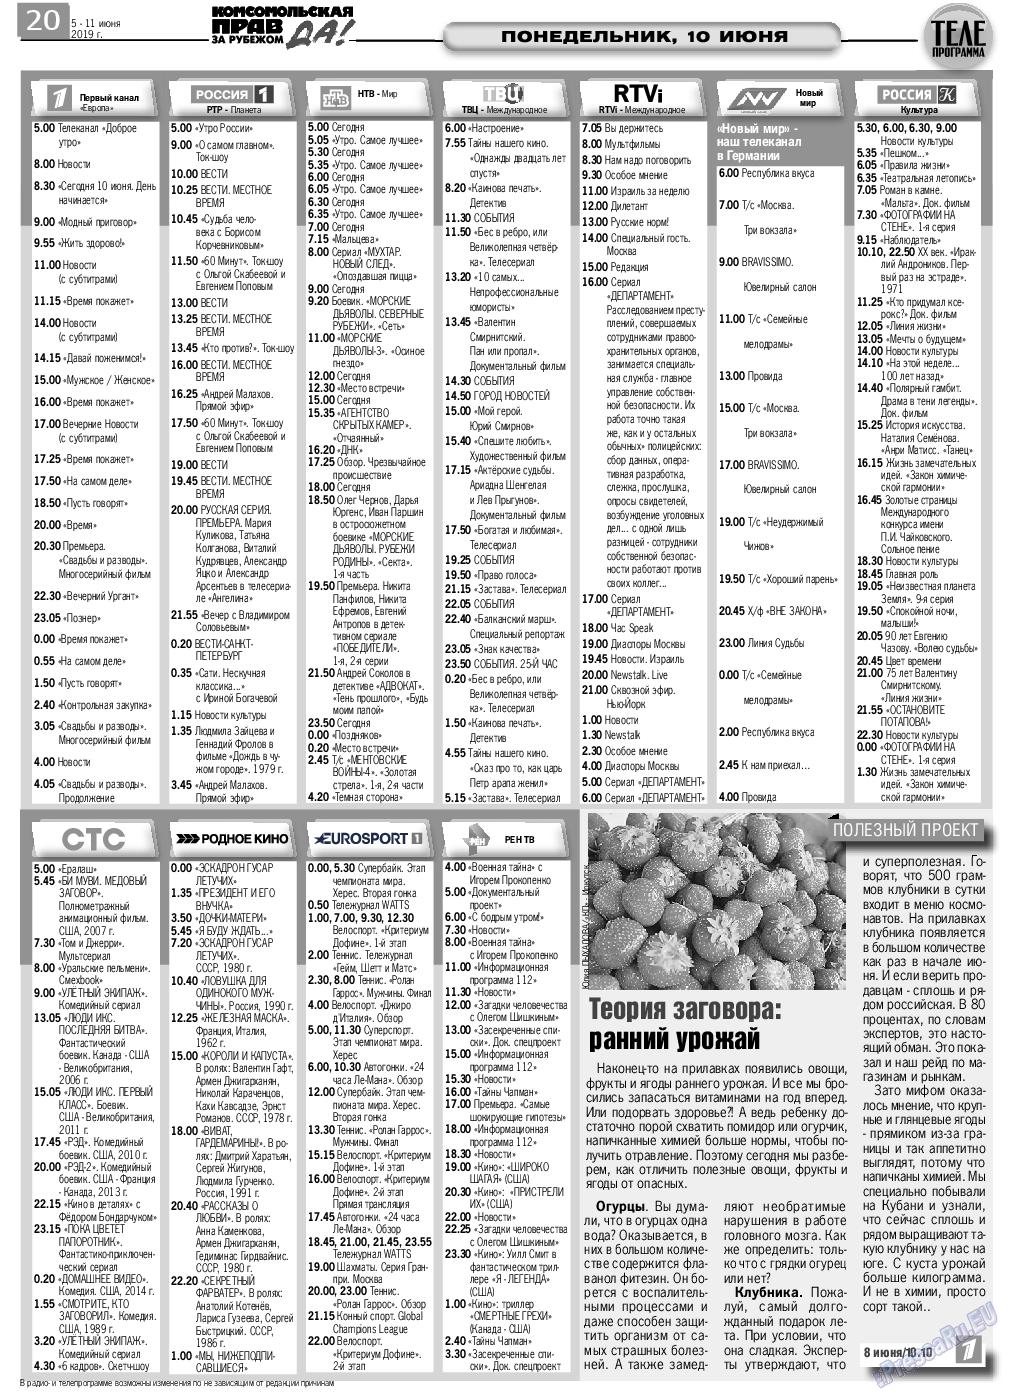 КП в Европе (газета). 2019 год, номер 23, стр. 20